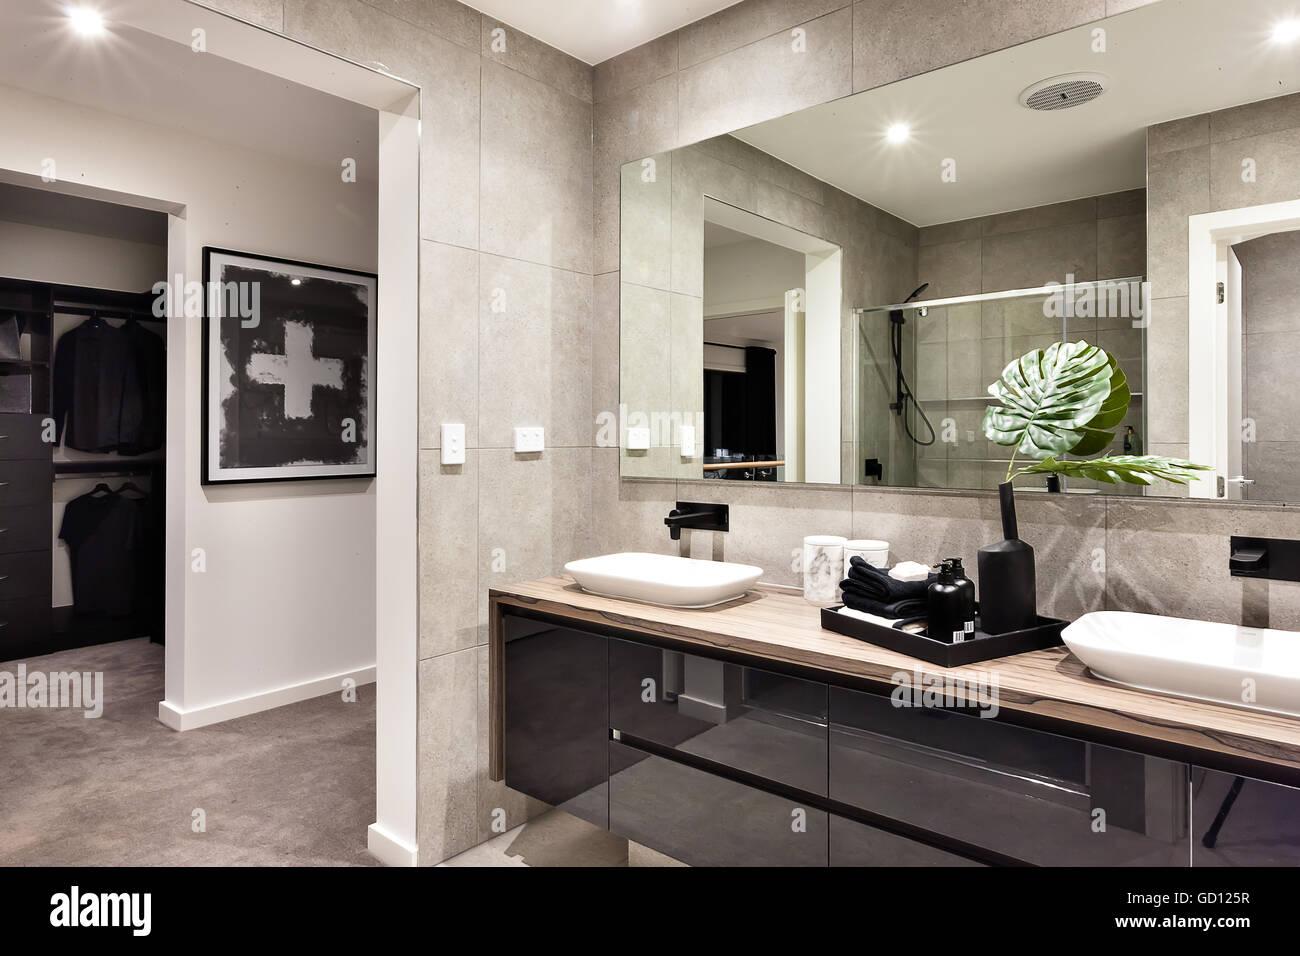 Modernes Bad Closeup Zu Einem Spiegel Und Gegenstrom Waschbecken Und  Handtücher Neben Flüssigseife, Ankleidezimmer Ist Bunt.